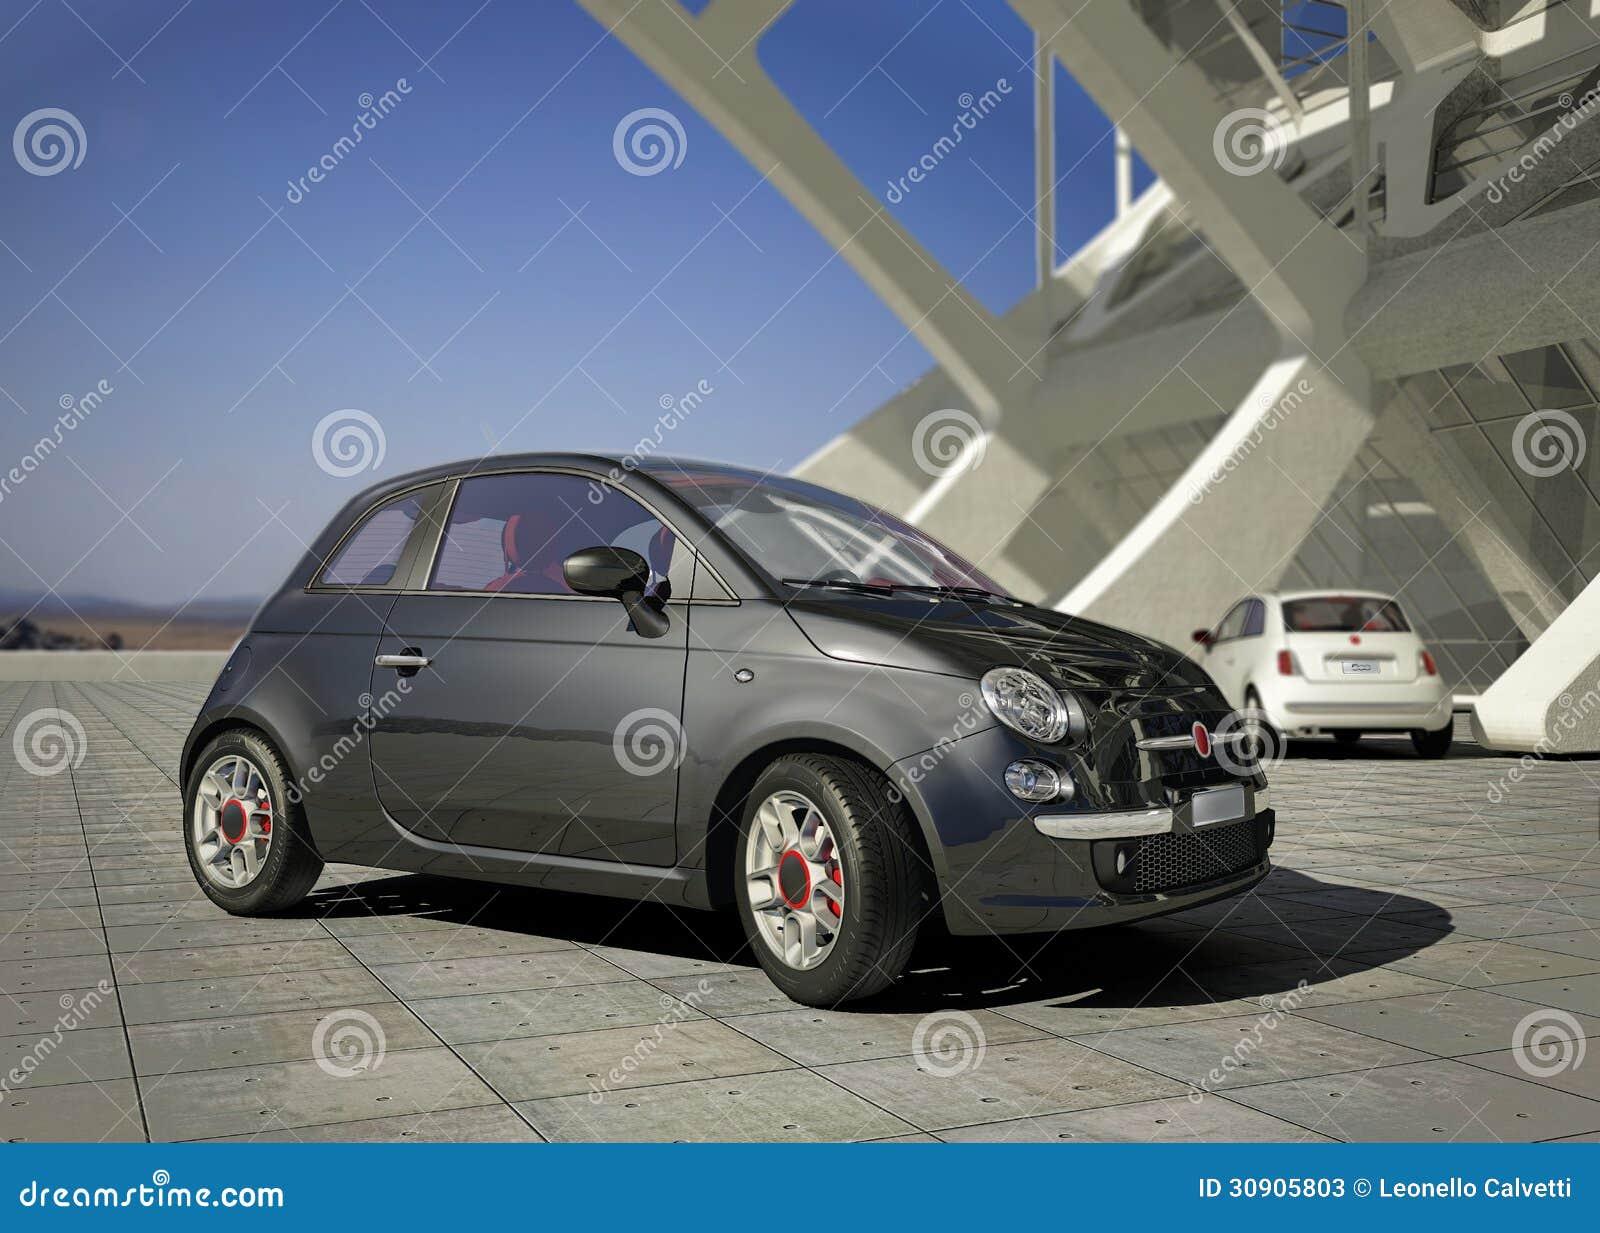 Coche de la ciudad de Fiat 500, fuera del ambiente moderno del edificio industrial.